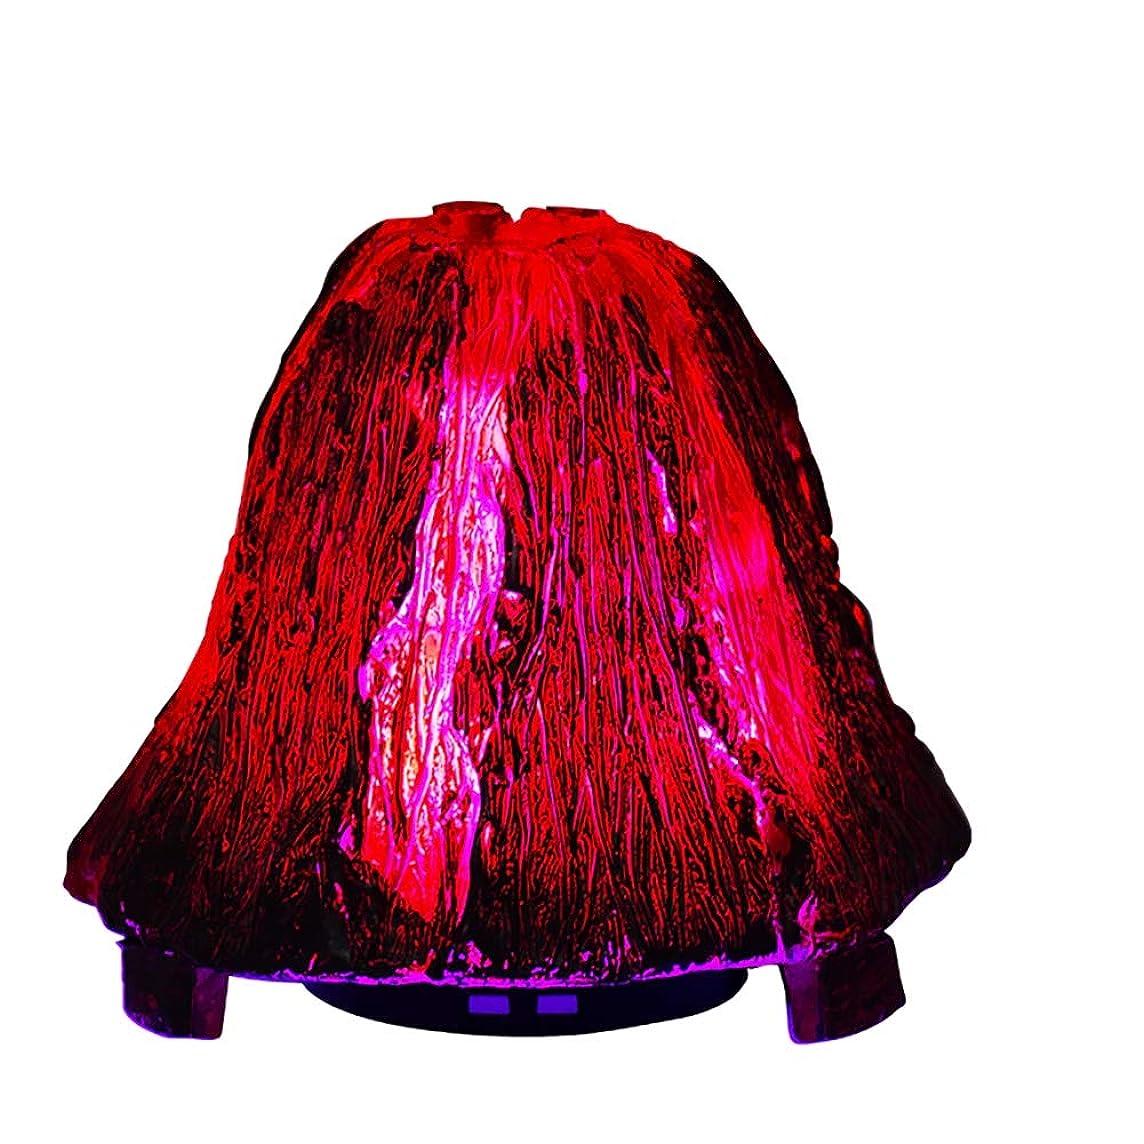 再撮りカーフ酸っぱいオリジナリティ火山のエッセンシャルオイルディフューザー、120mlアロマセラピー超音波クールミスト加湿器、7色LEDライト付きウォーターレスオートオフ